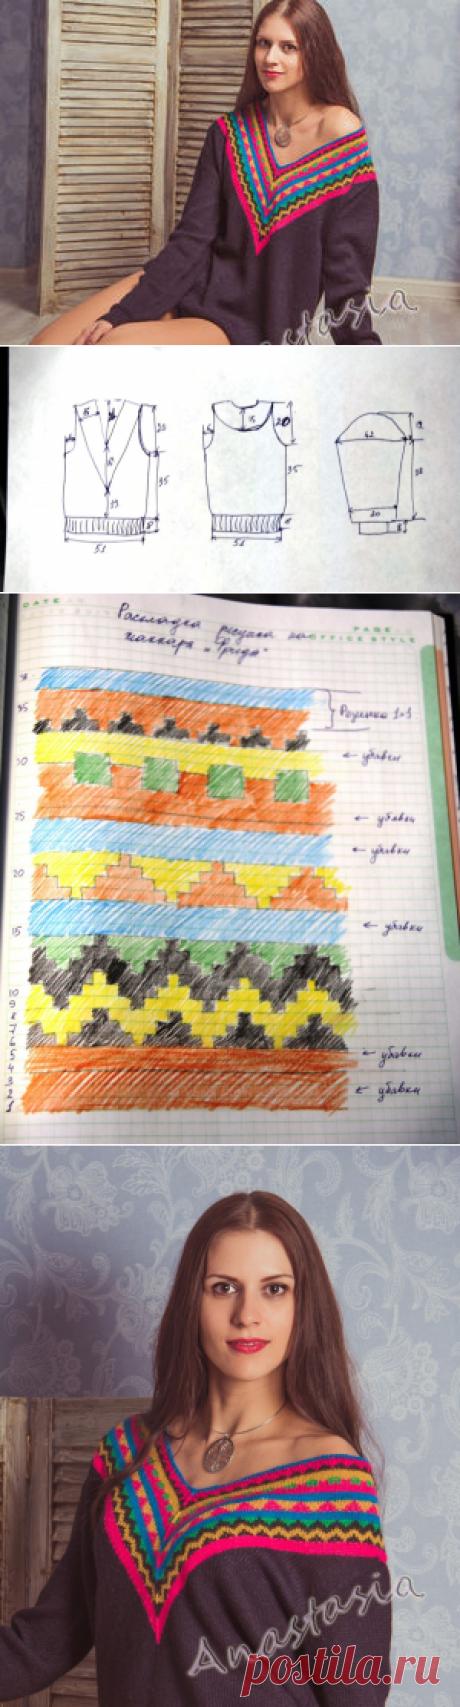 Вяжем свитер «Фрида»: инструкция с выкройкой - Ярмарка Мастеров - ручная работа, handmade